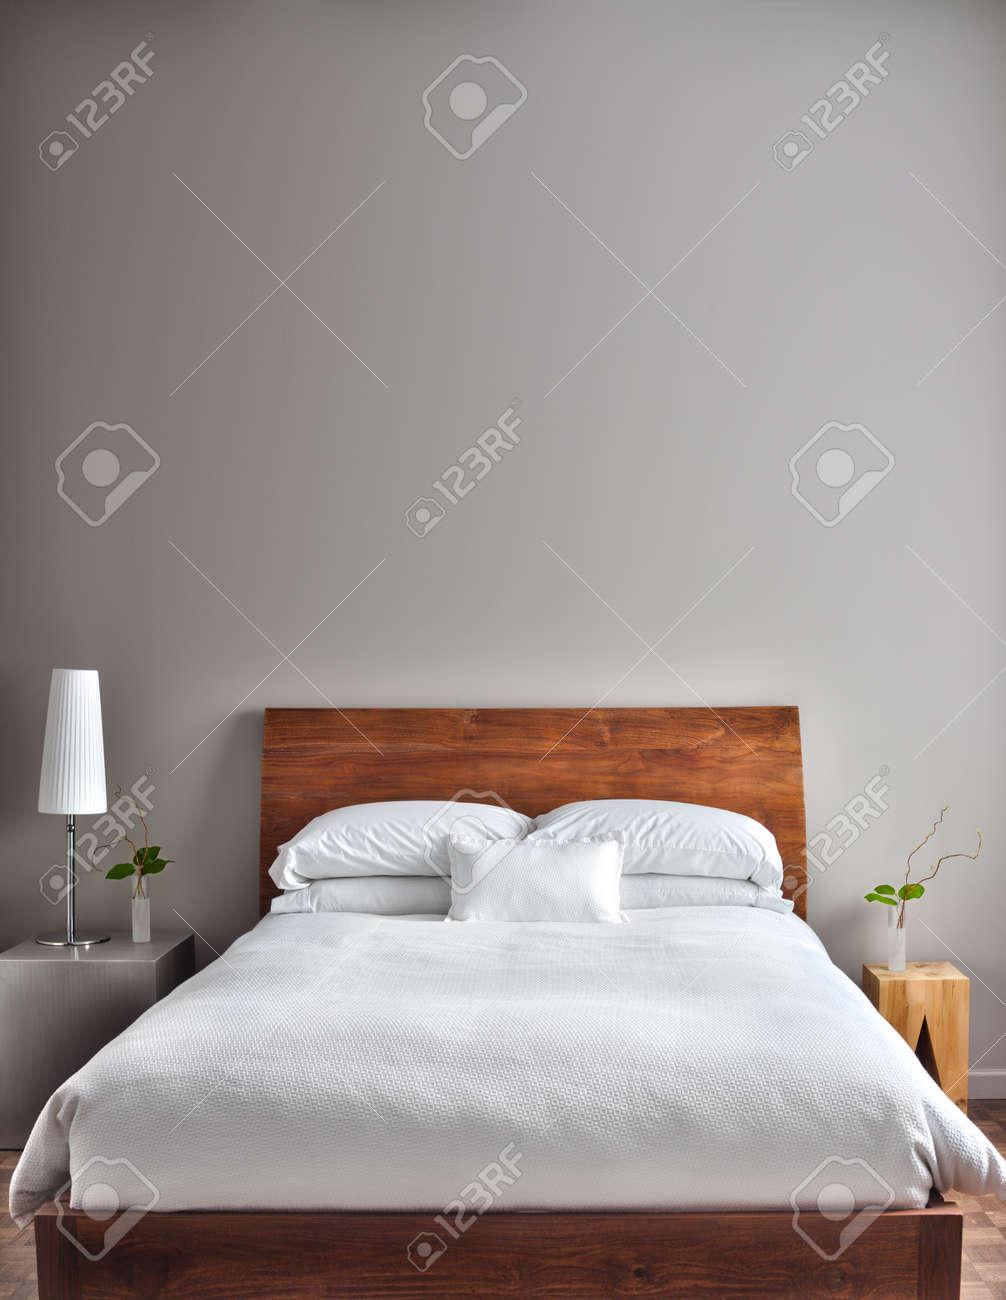 Gyönyörű Tiszta és Modern Hálószoba üres Falra, Hogy Adjunk Néhány ...